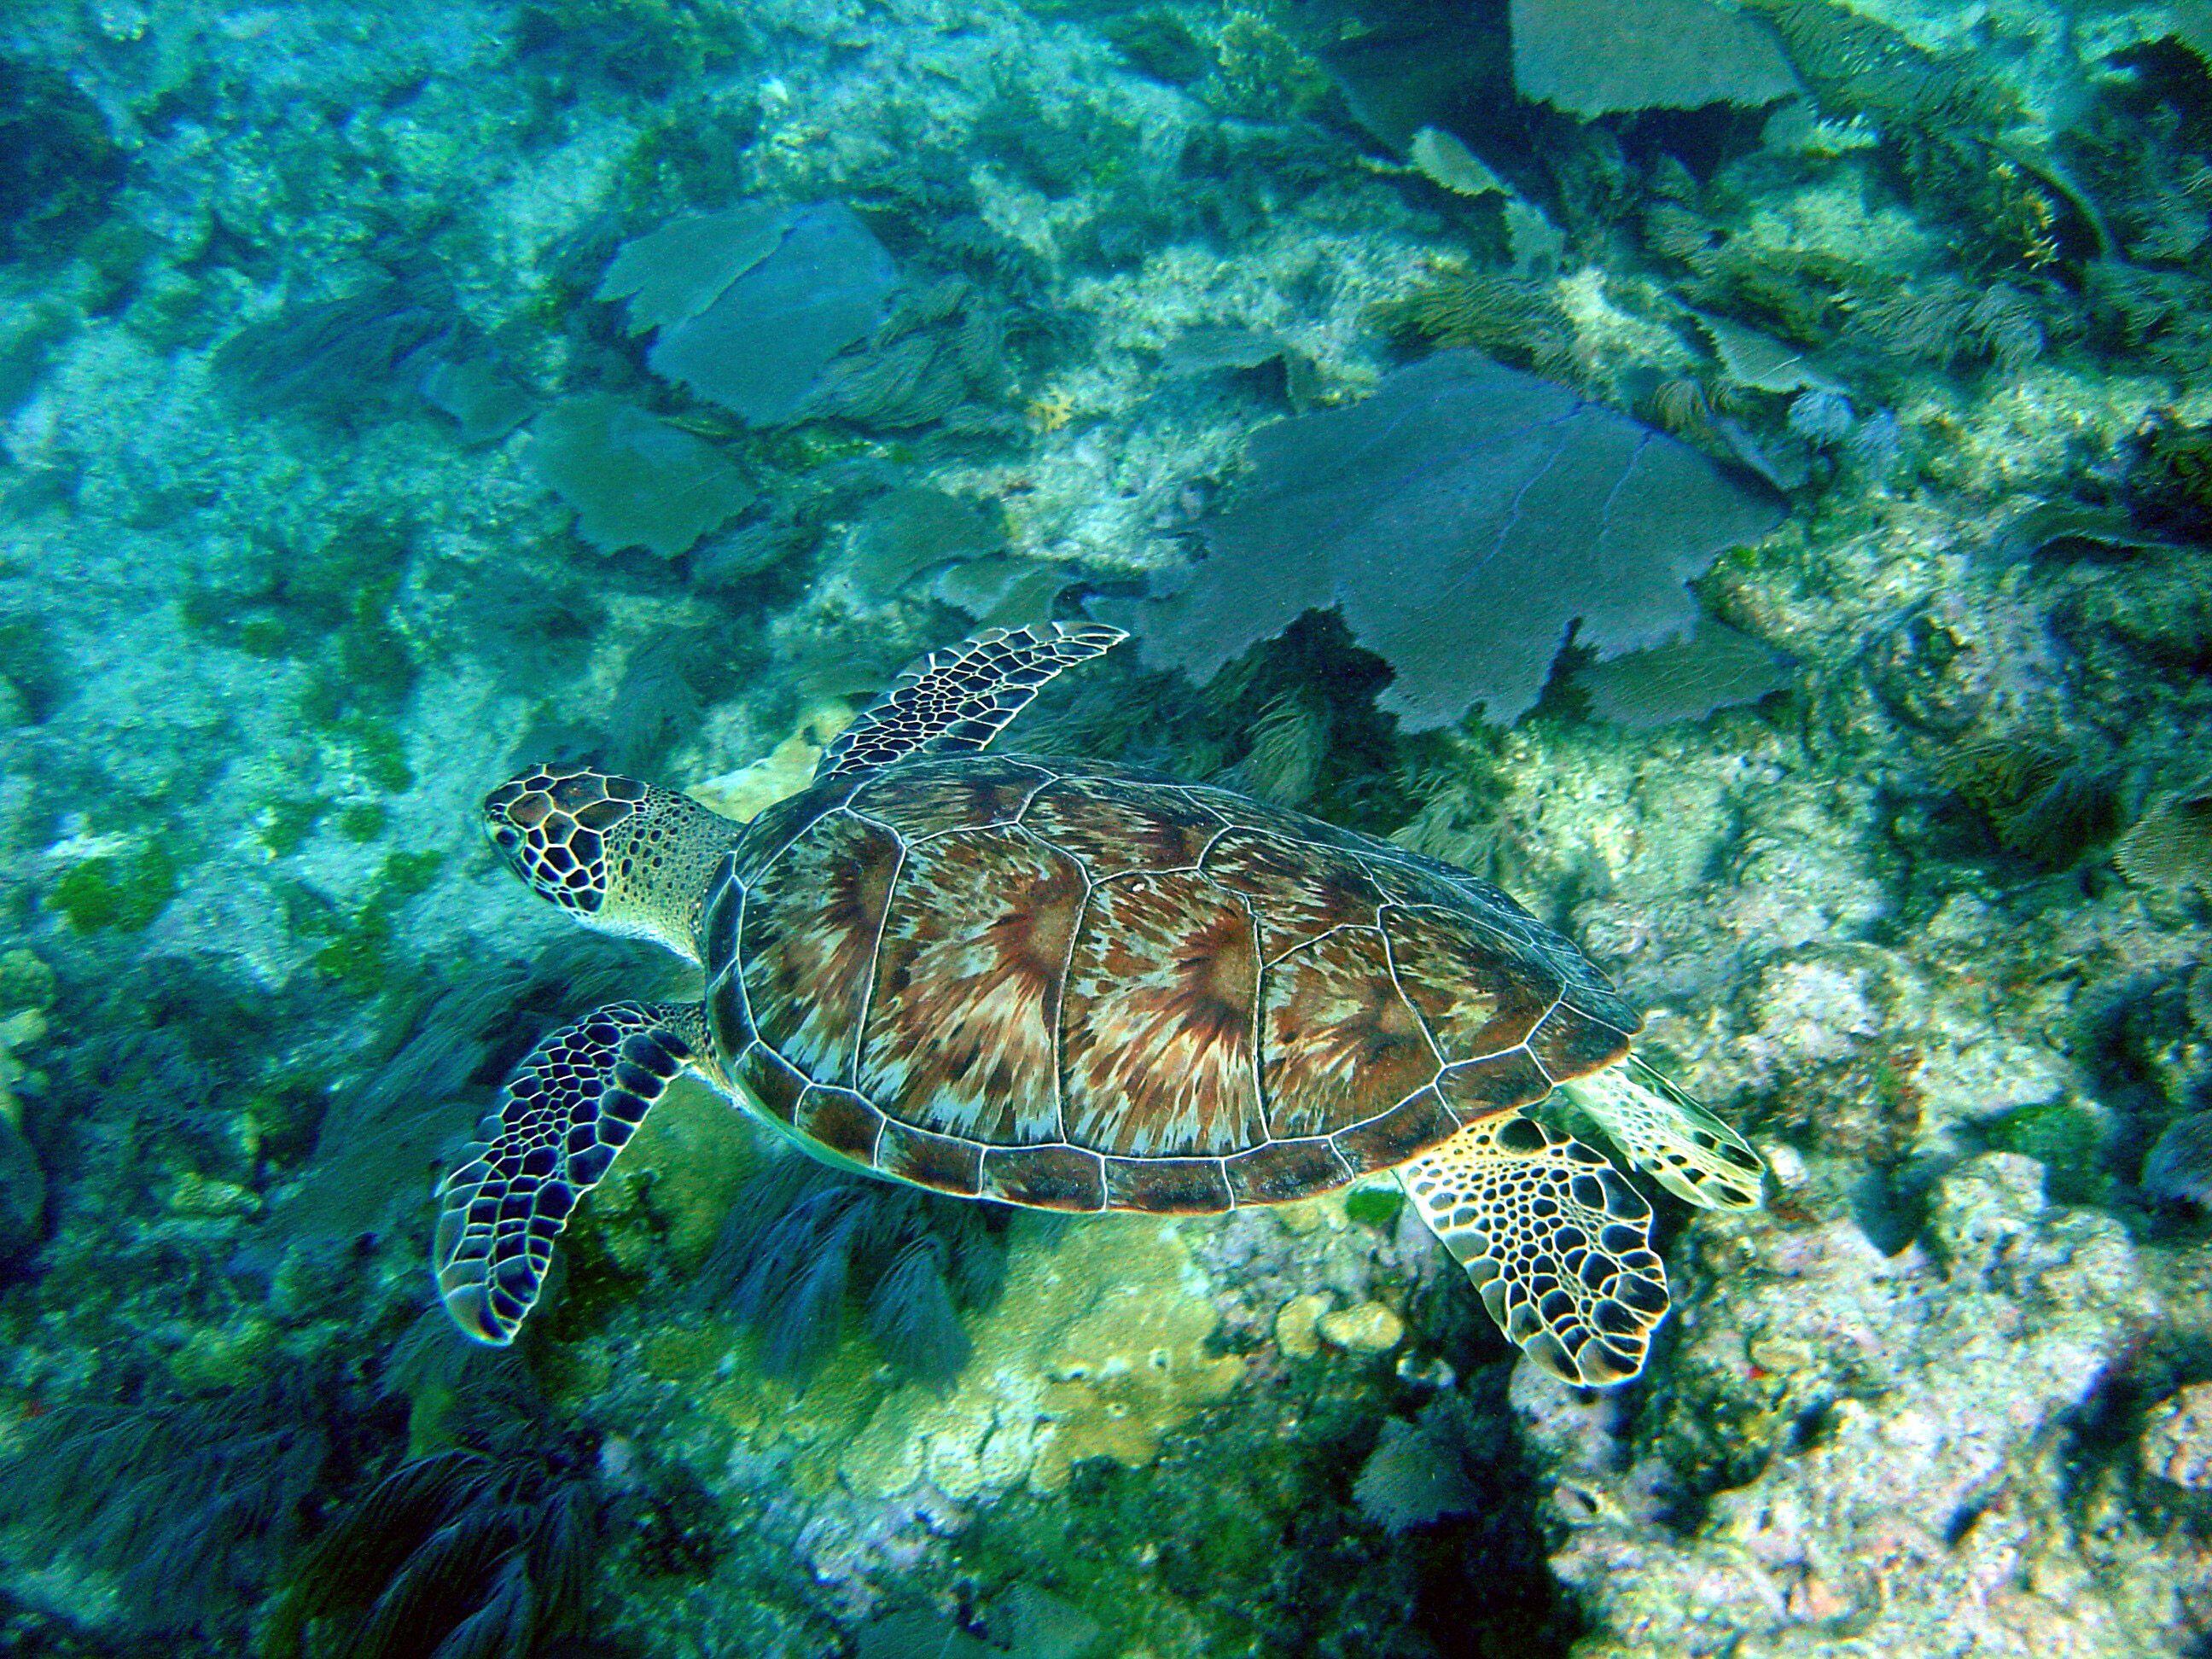 Sea turtle swimming near some sea fans